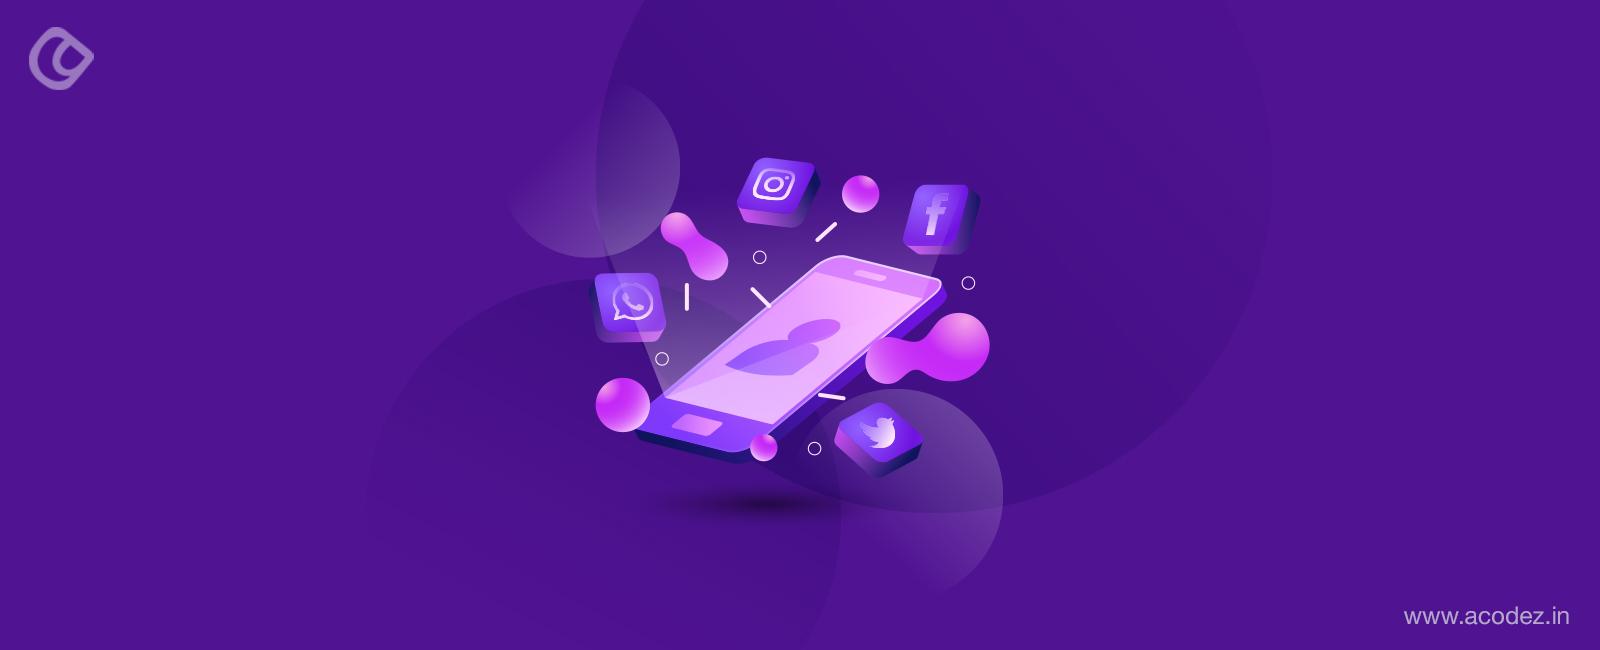 Why Flutter is the Best Hybrid Mobile App Development Framework